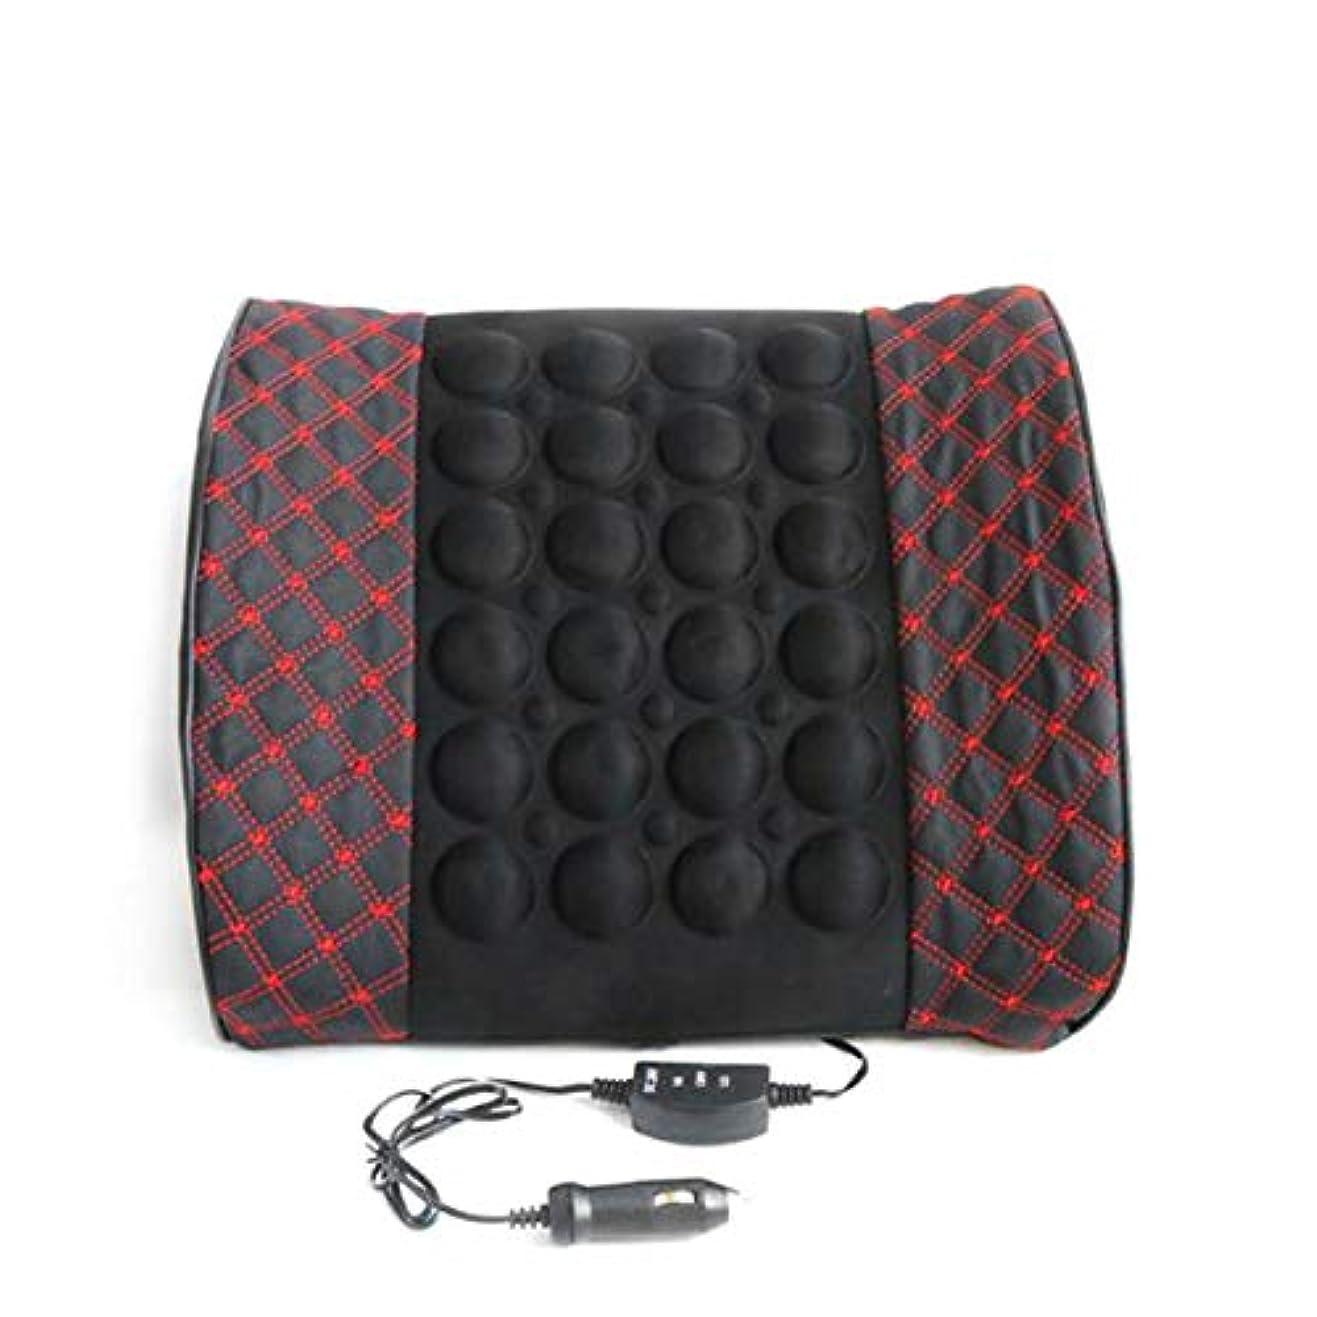 お尻ブルームわなMicrofiber Leather Car Back Support Lumbar Posture Support Breathable Electrical Massage Cushion Health Care Tool